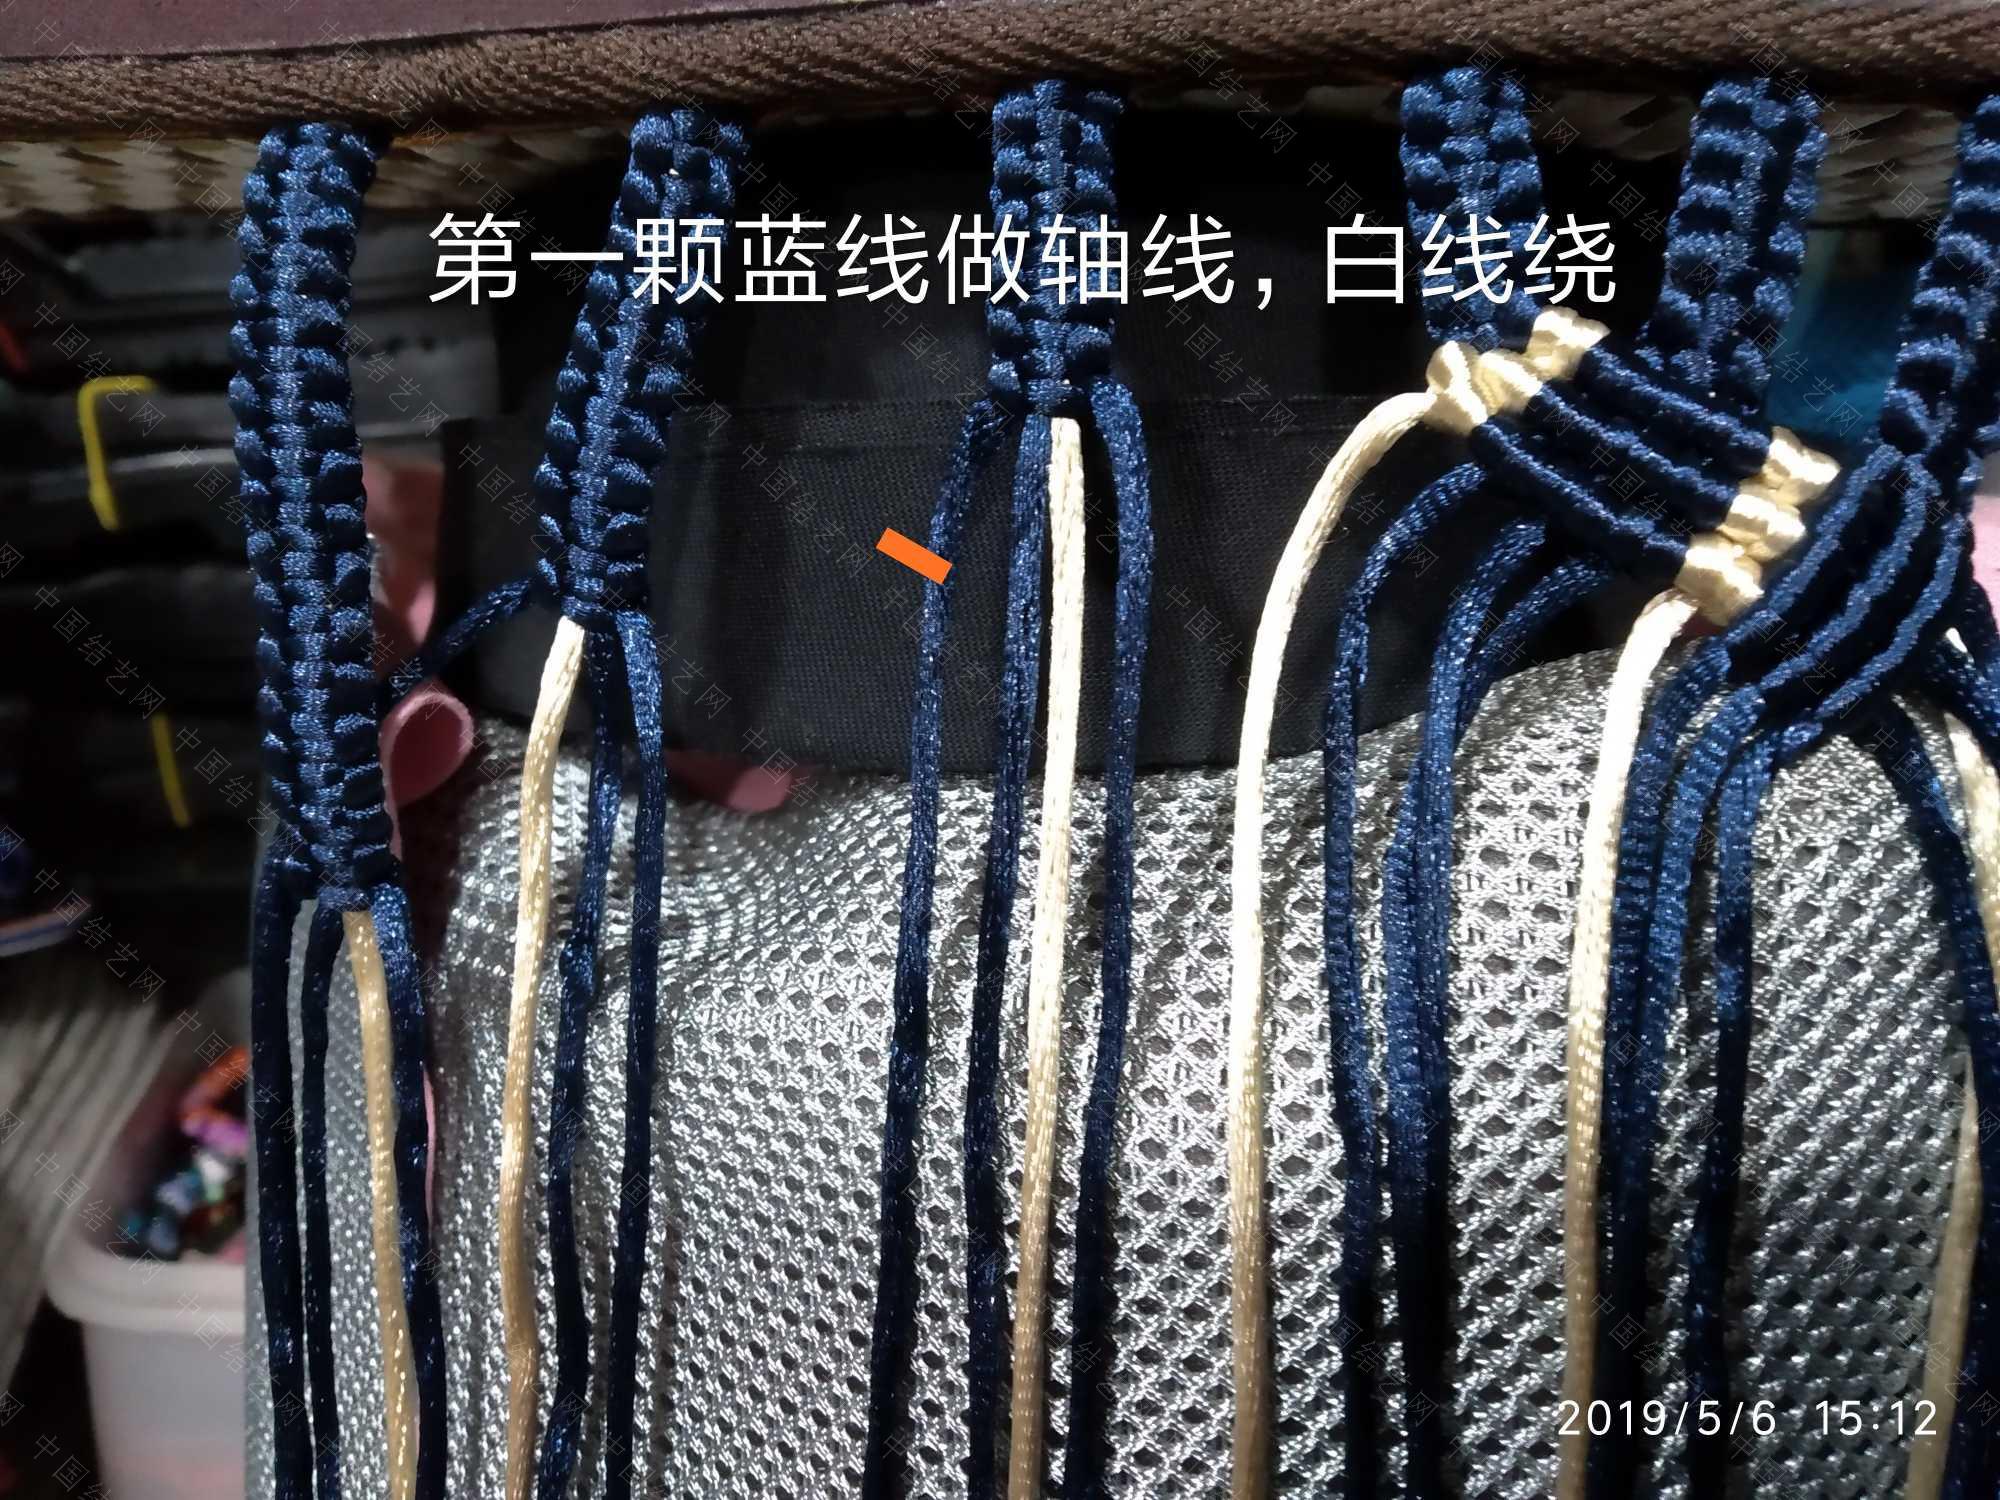 中国结论坛 中国结方块拖鞋44-45码  图文教程区 094821tkiggd7kidkg61hg